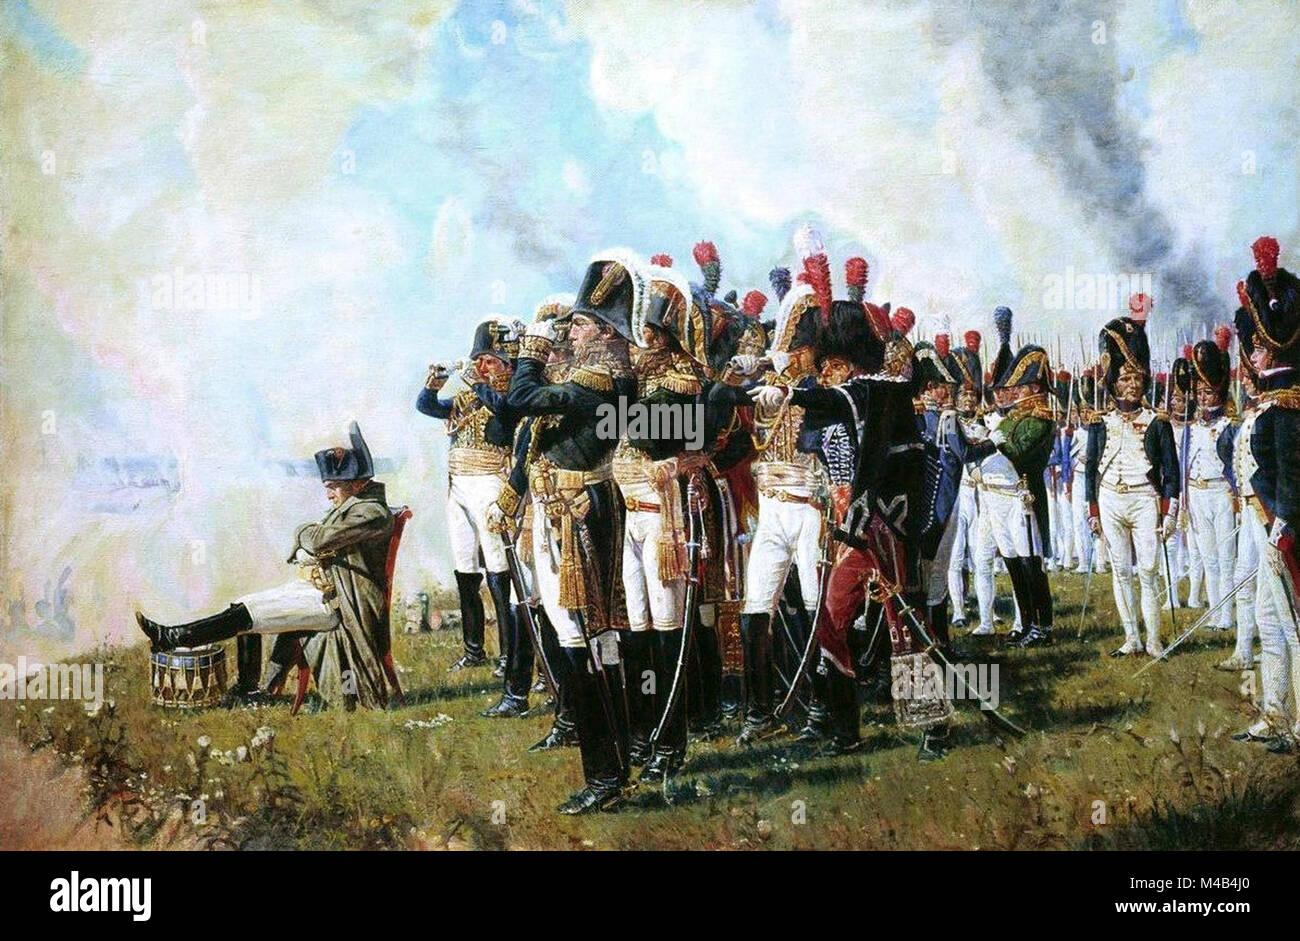 Napoleón I en el Borodino alturas por Vasily Vereshchagin pintada en 1897. La batalla de Borodino fue una batalla librada el 7 de septiembre de 1812 en las guerras napoleónicas durante la invasión francesa de Rusia. Se libró entre los ejércitos de Napoleón, Mikhail Kutuzov, Pyotr Bagration y Michael Andreas Barclay de Tolly. Foto de stock